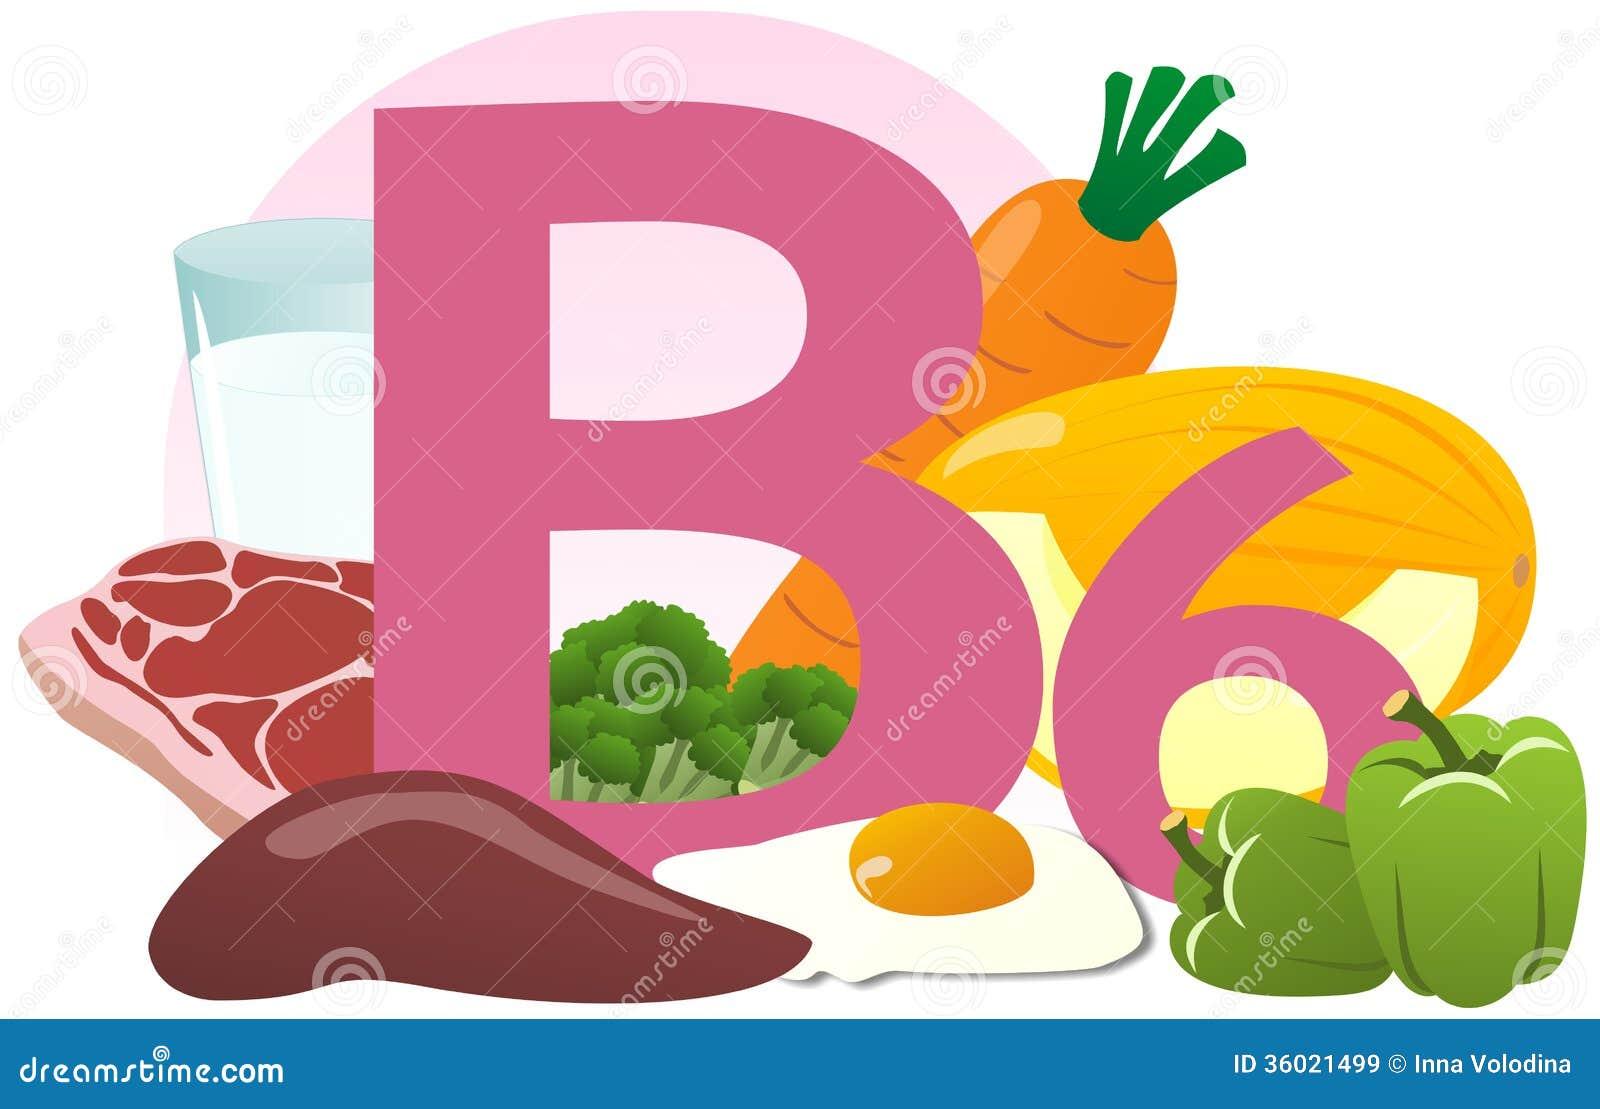 Productos Que Contienen La Vitamina B6 Stock de